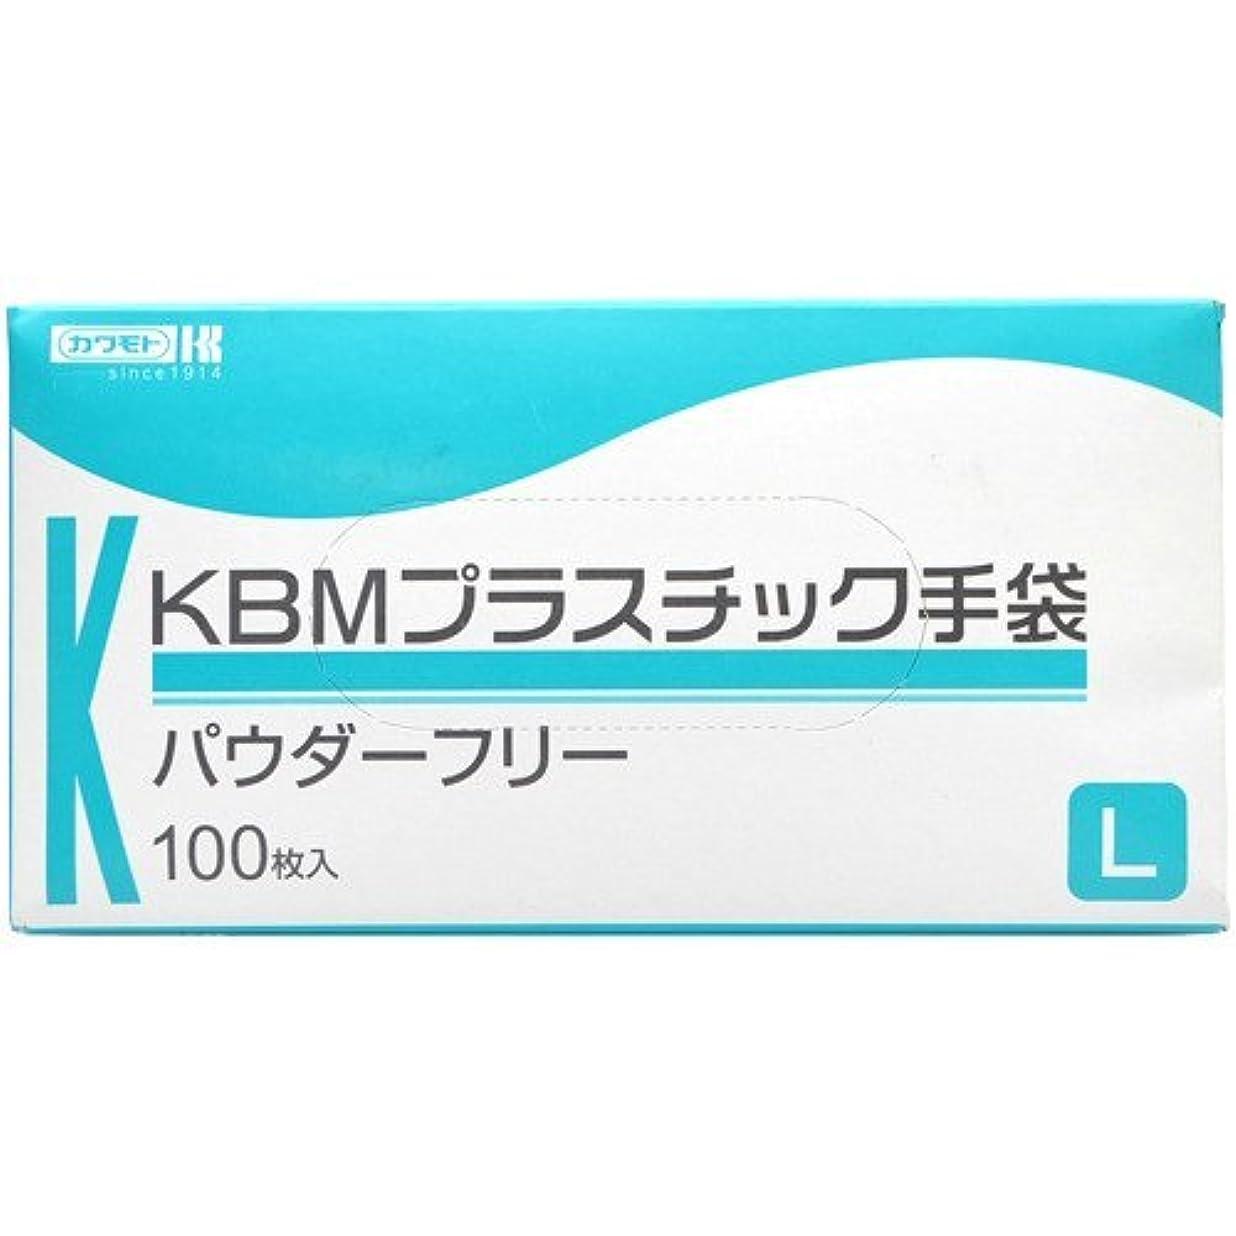 川本産業 KBMプラスチック手袋 パウダーフリー L 100枚入